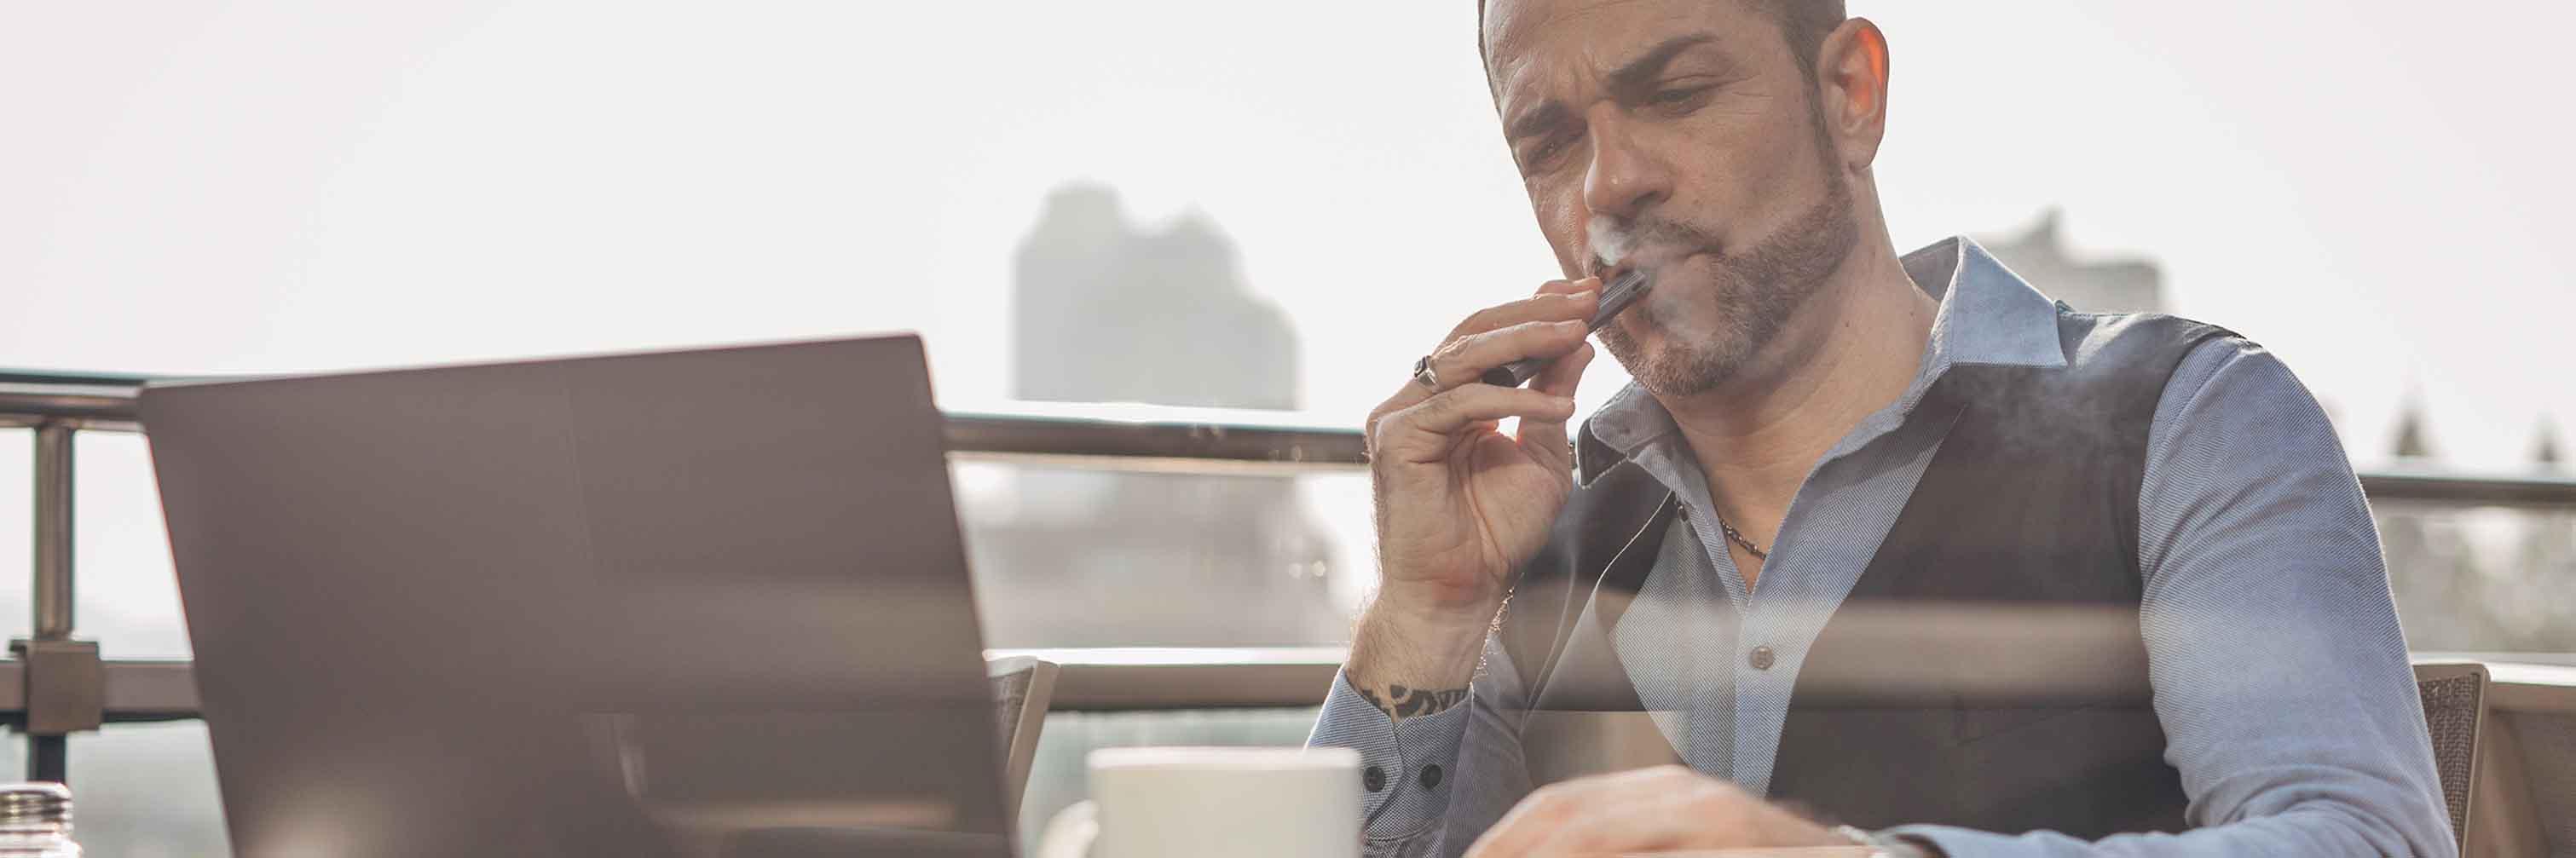 Dampfen Ohne Nikotin Schädlich